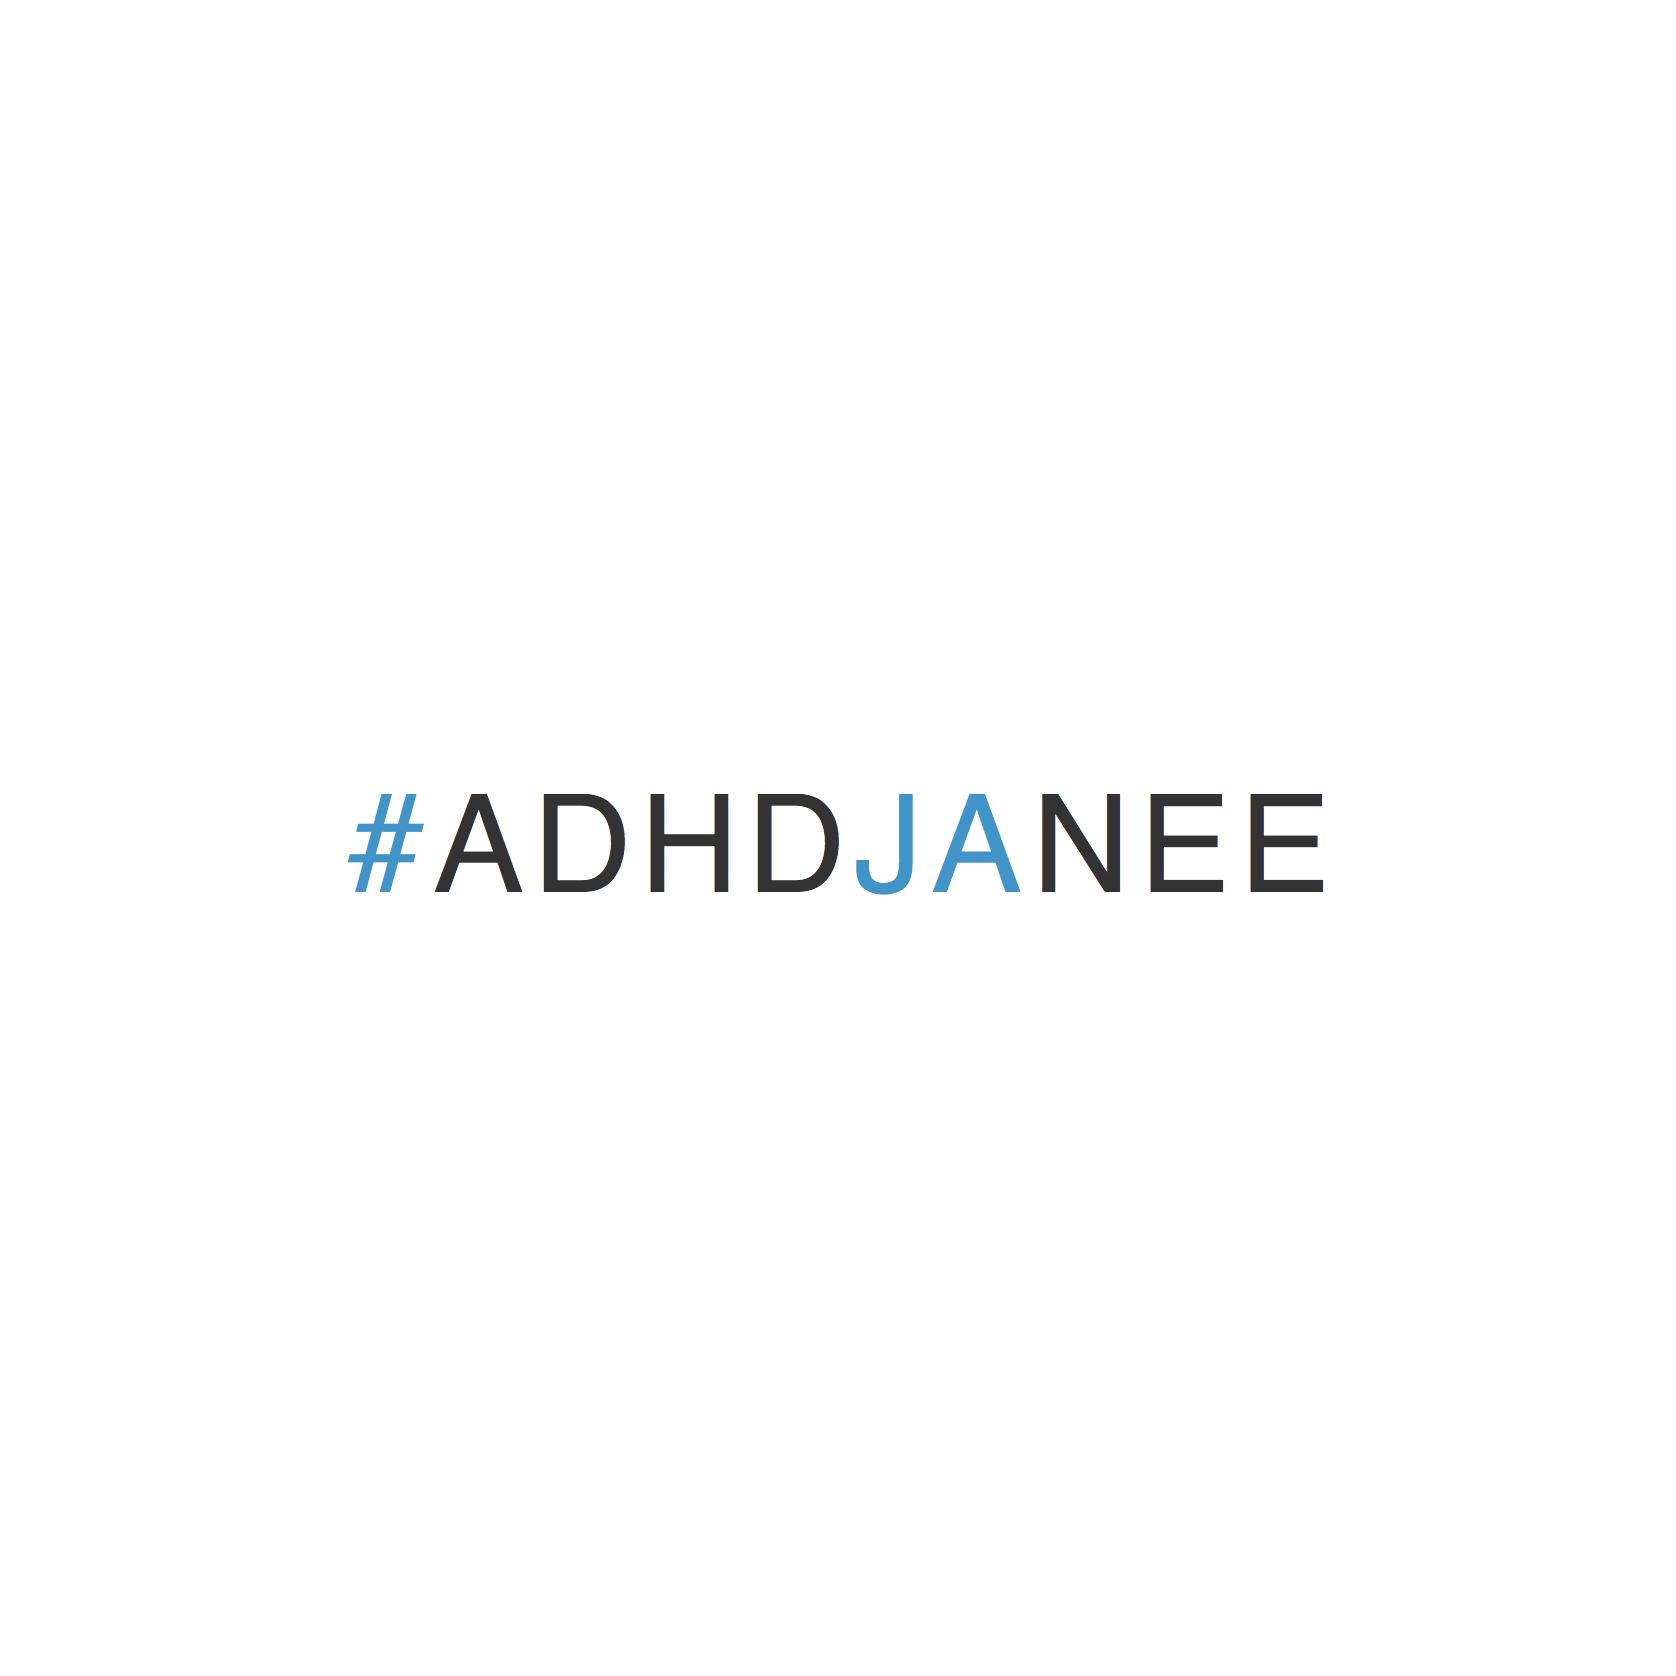 ADHD een onderzoek #ADHDjanee